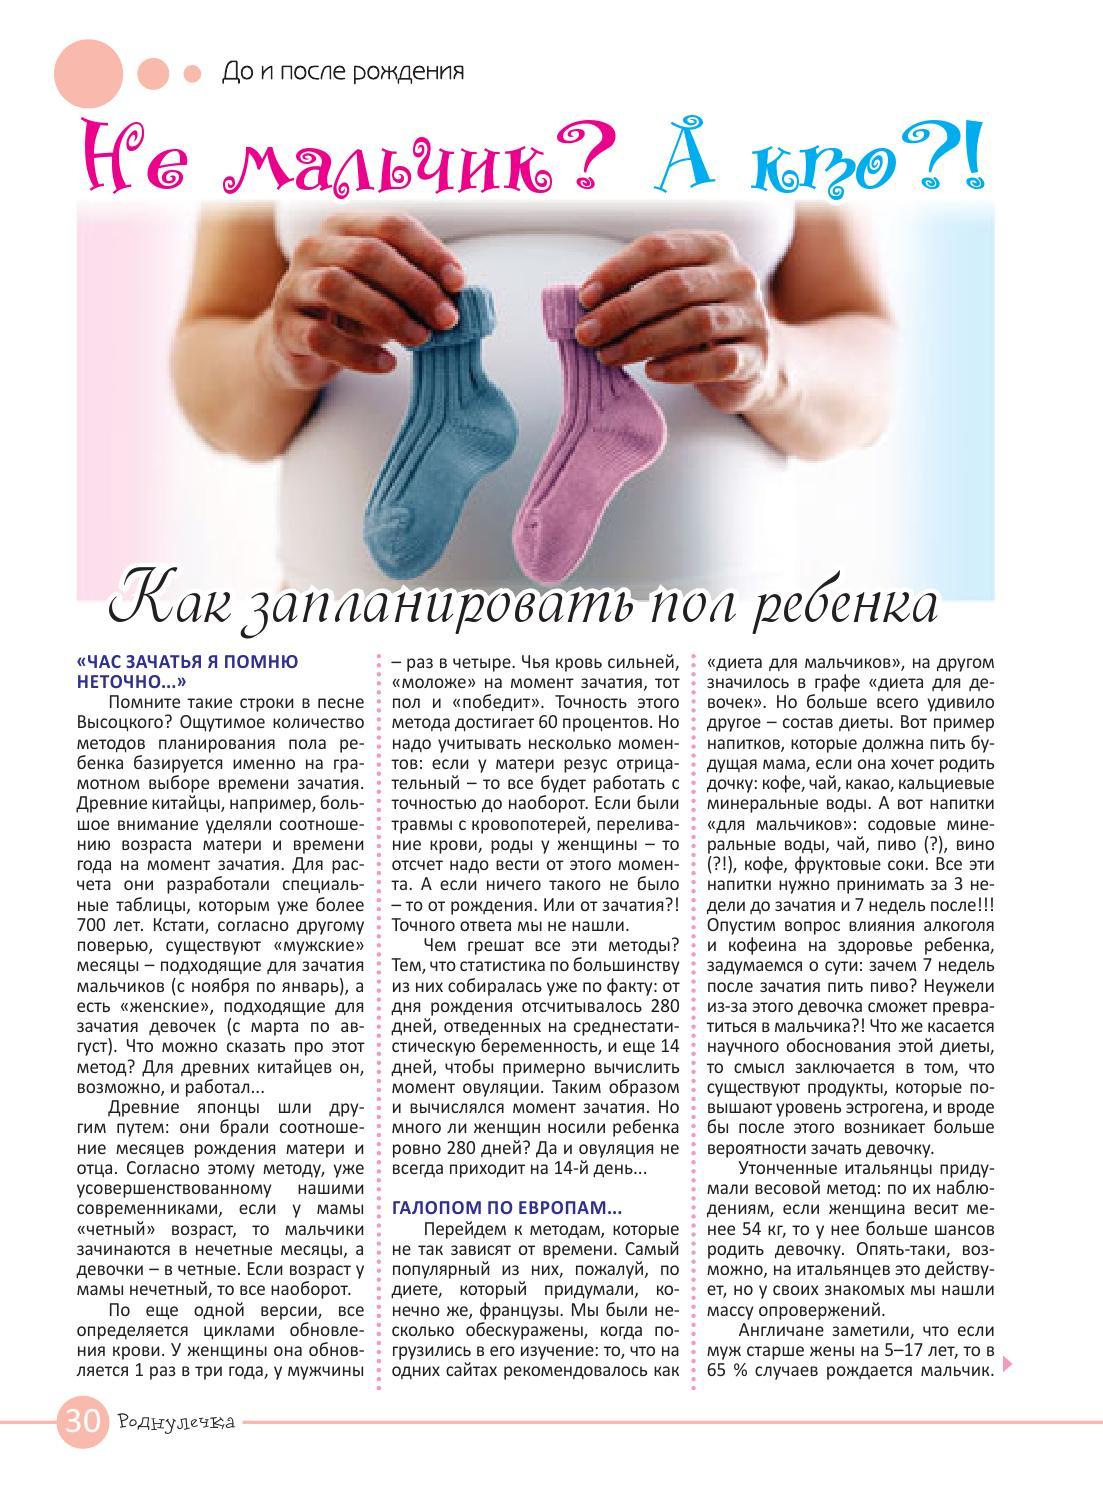 Французская Диета Для Рождения Мальчика. Французская диета для зачатия мальчика или девочки